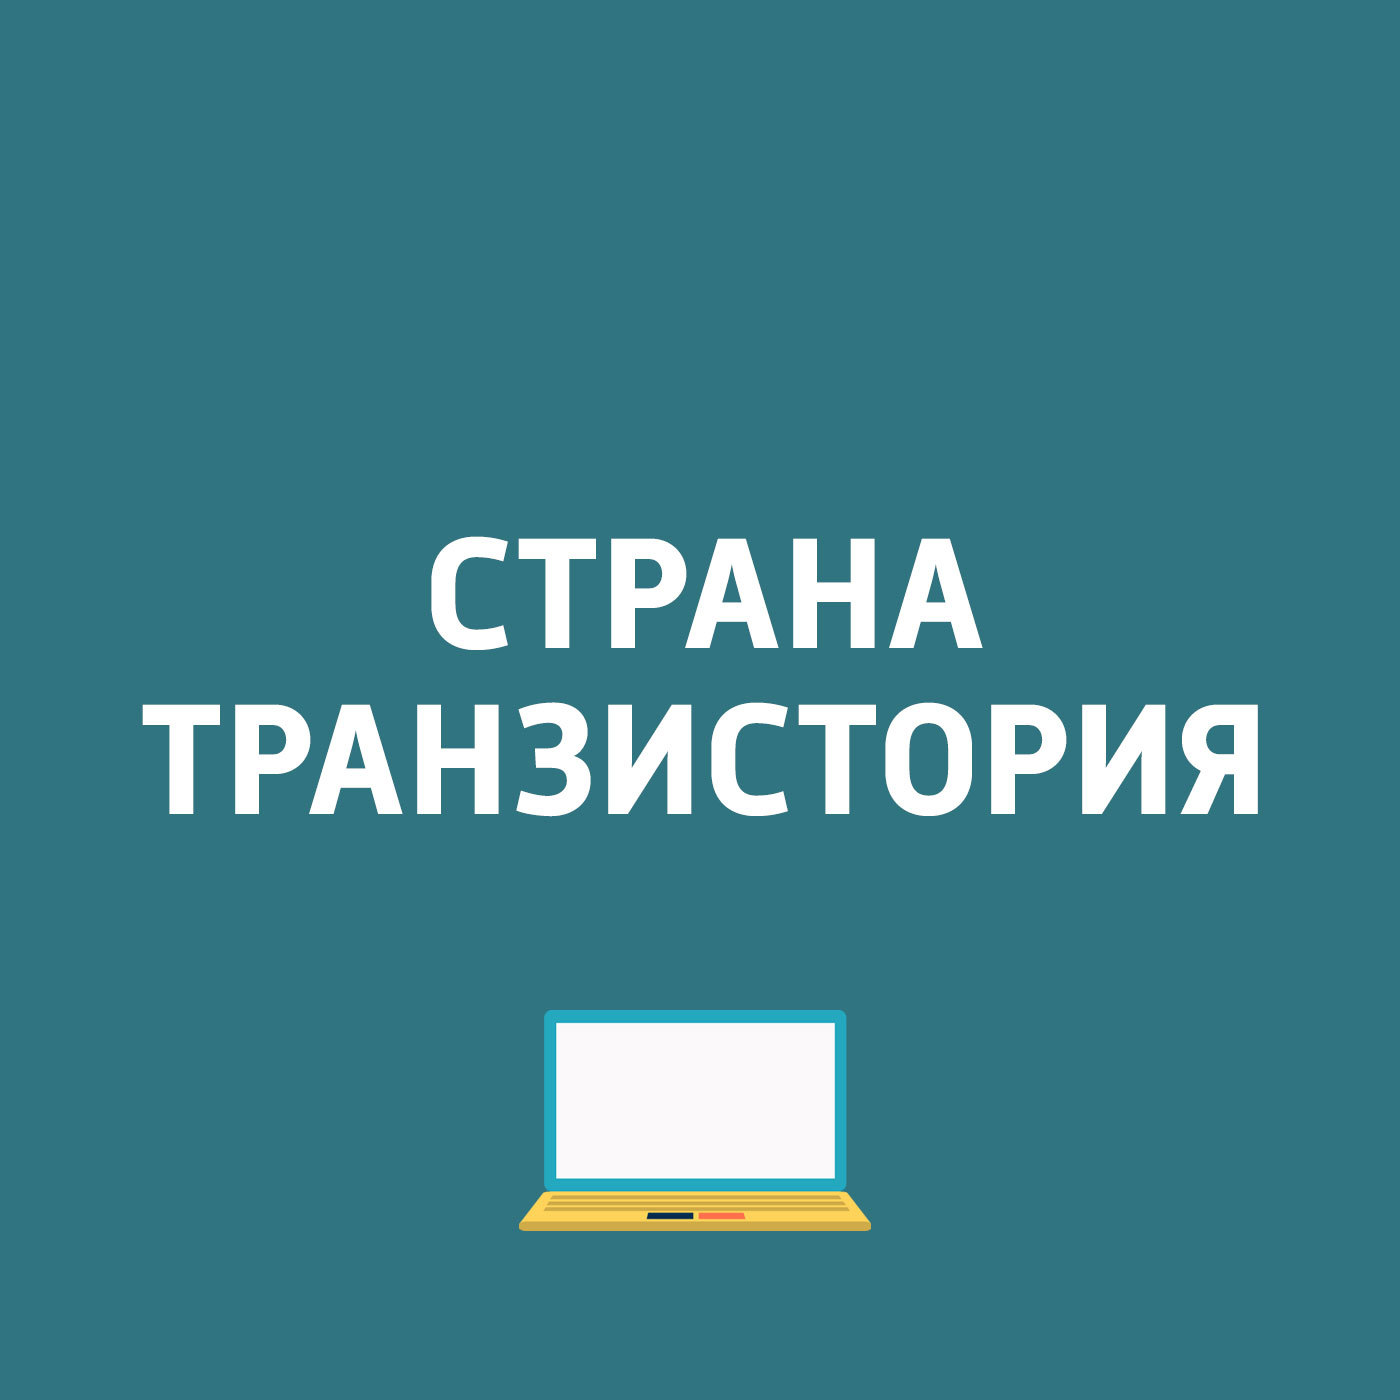 Картаев Павел Блокировка pleer, приложение с лицами картаев павел чуррос